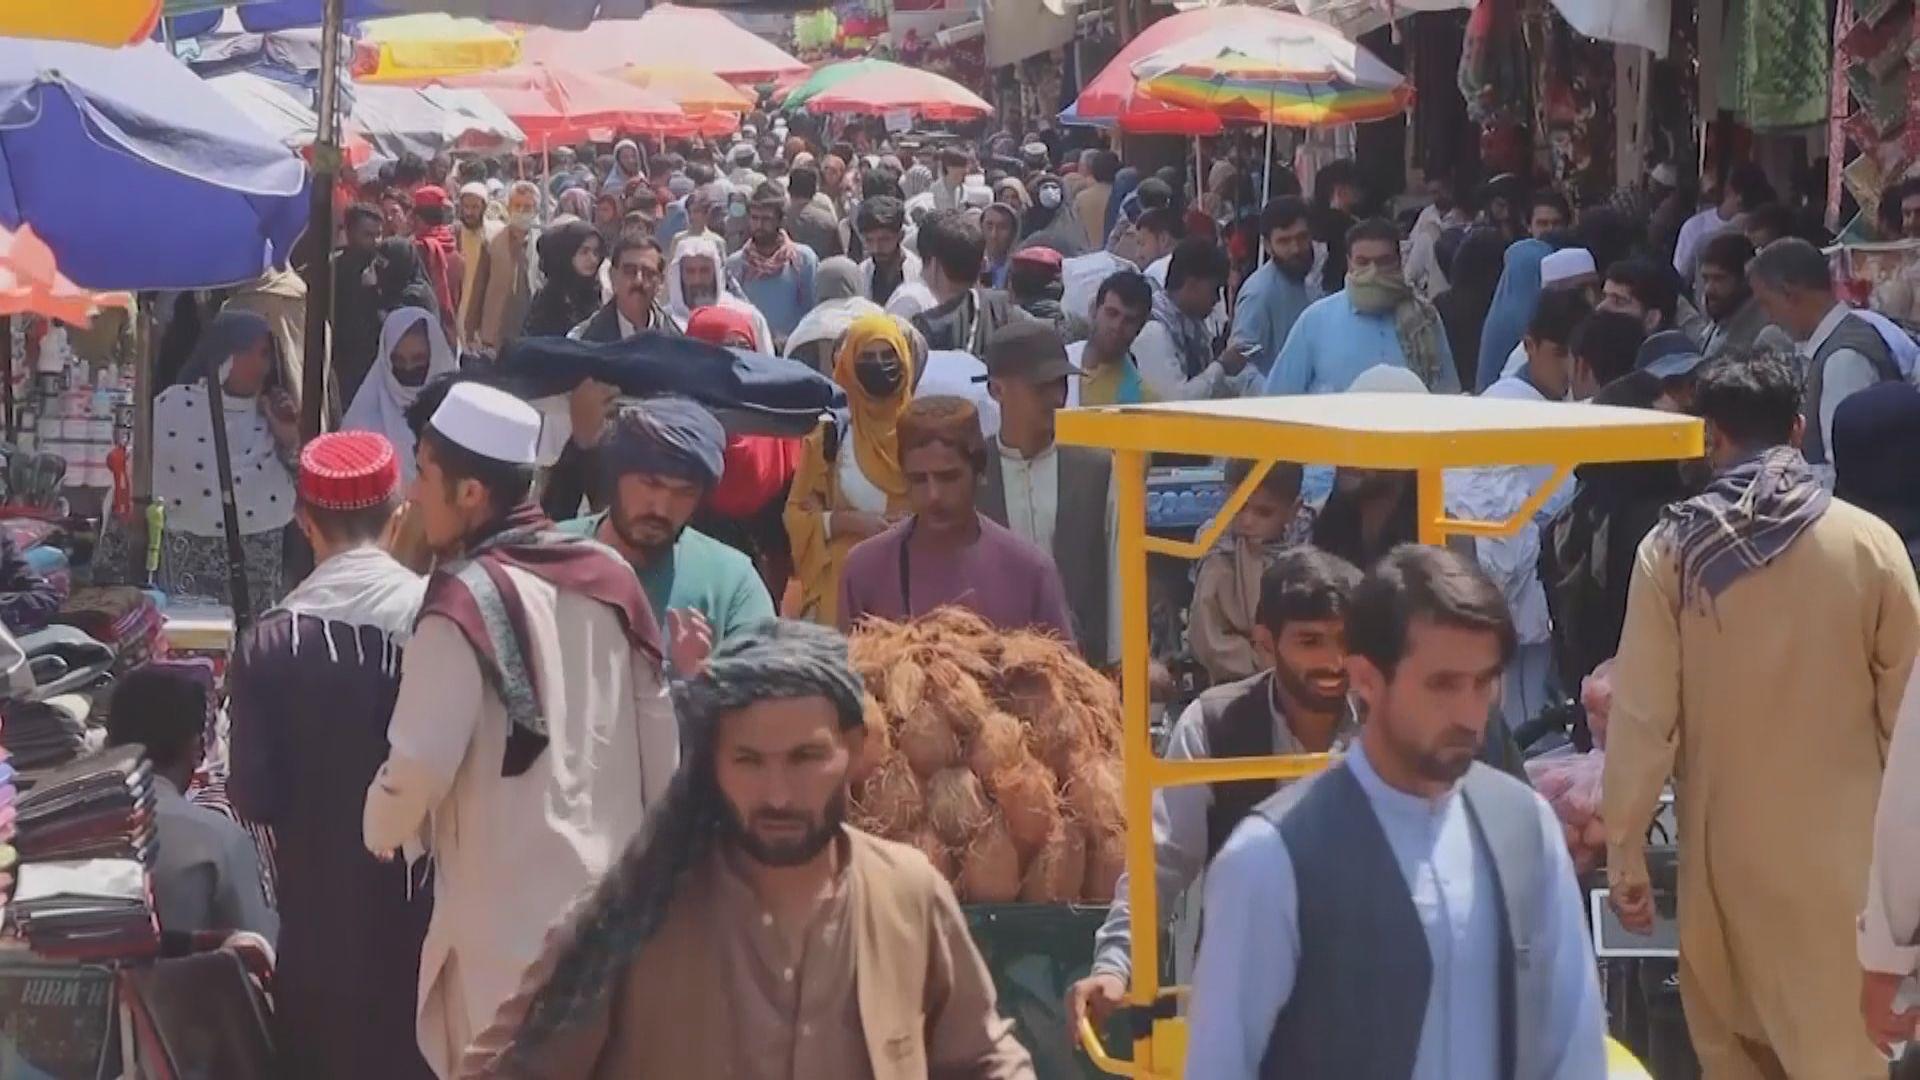 塔利班即將公布組建新政府 據報籌備在總統府舉行儀式